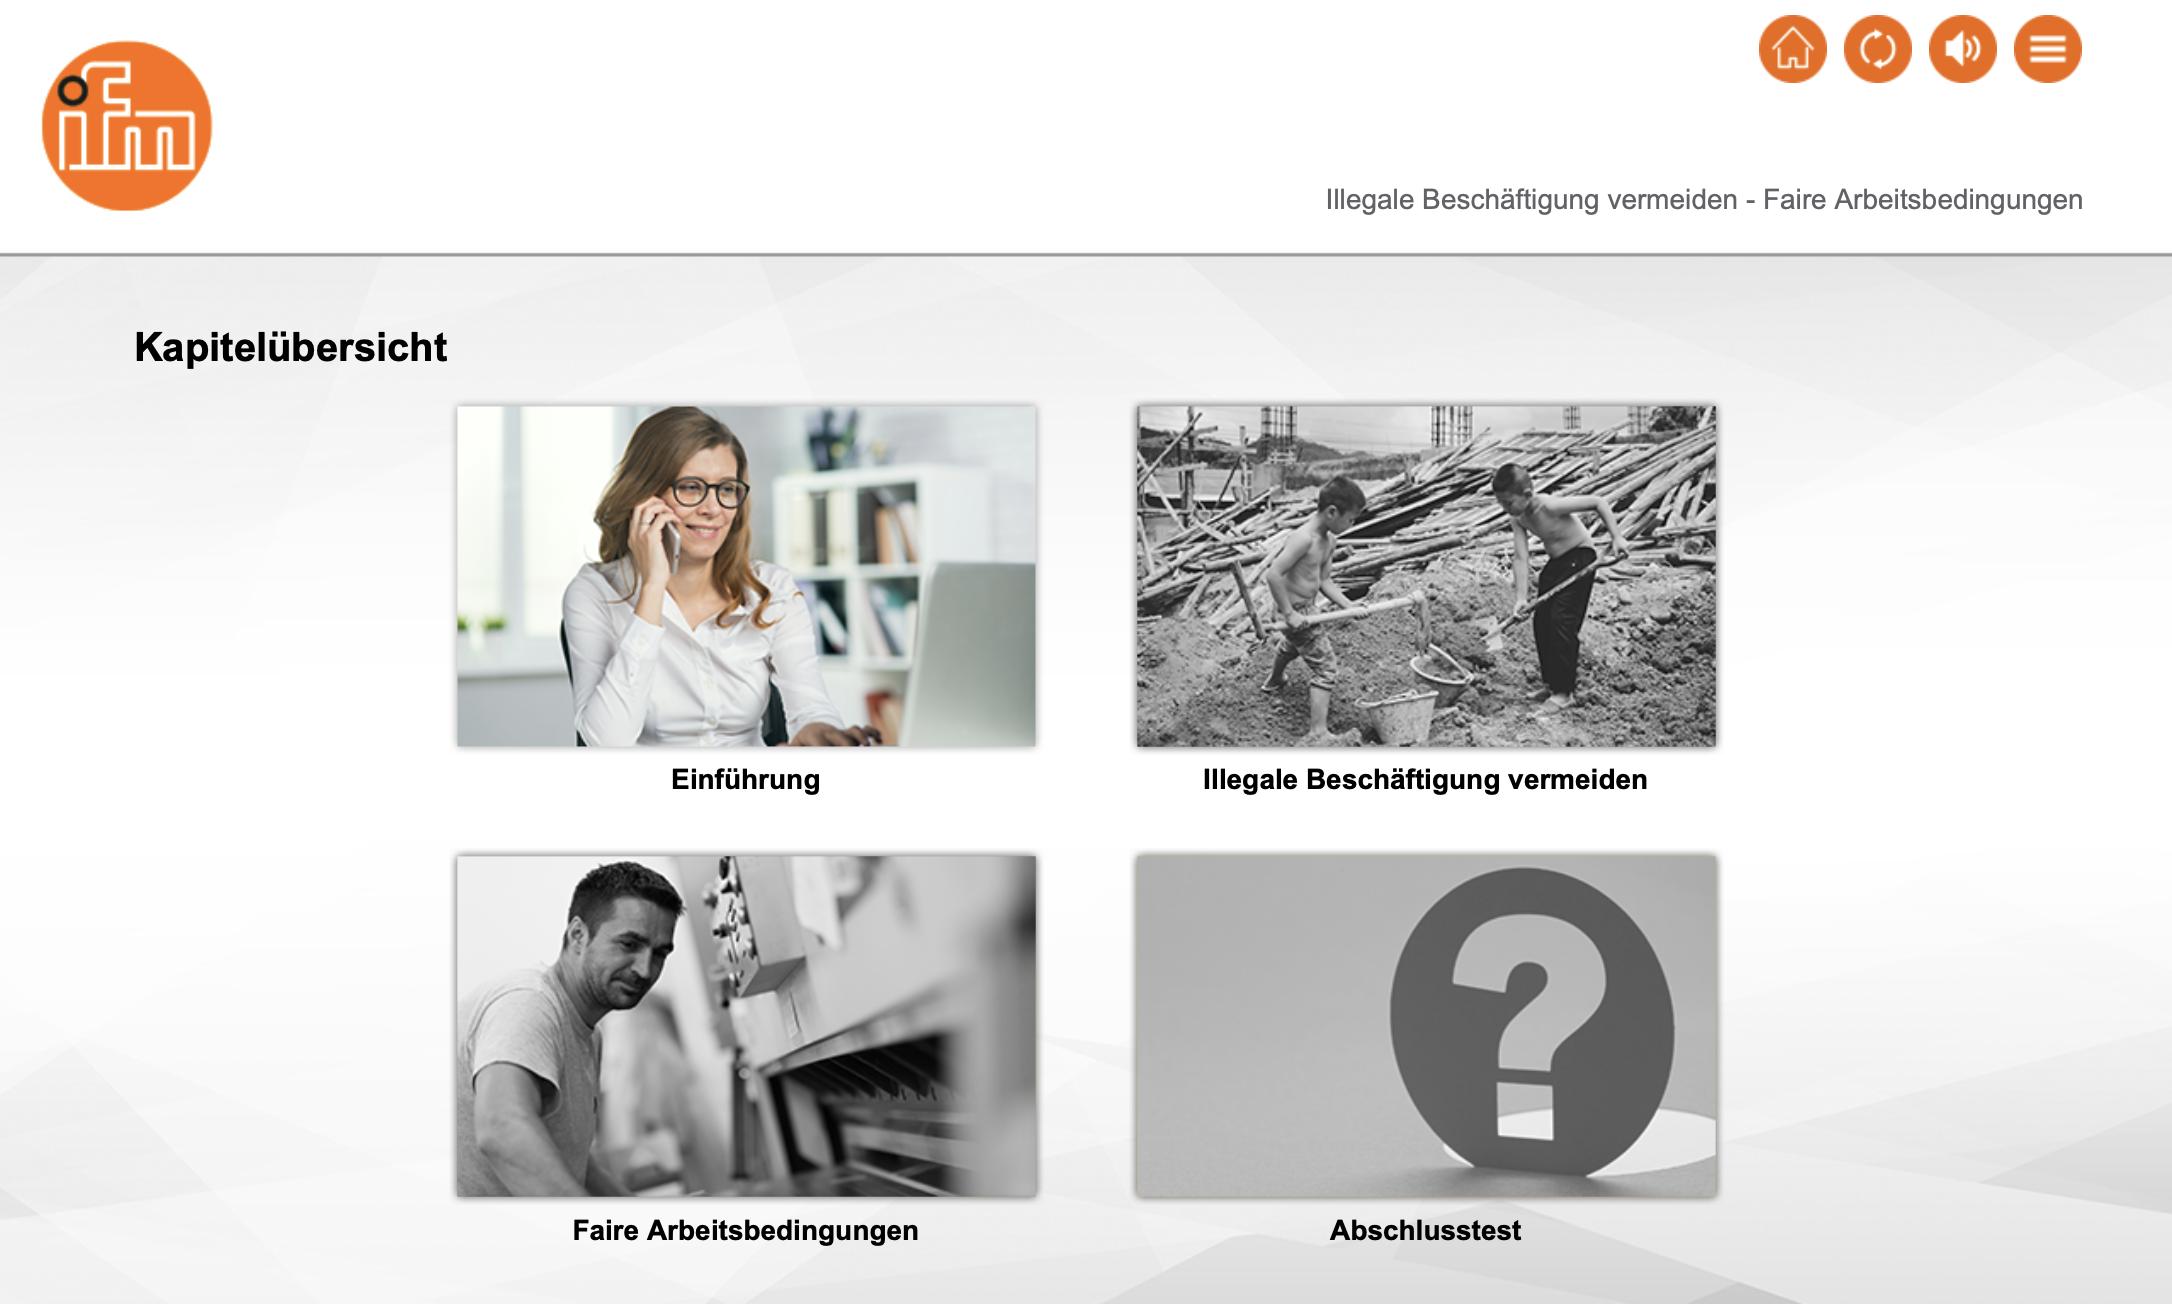 Faire Arbeitsbedingungen: ifm electronic gmbh schult mit einem Lernprogramm von M.I.T e-Solutions GmbH